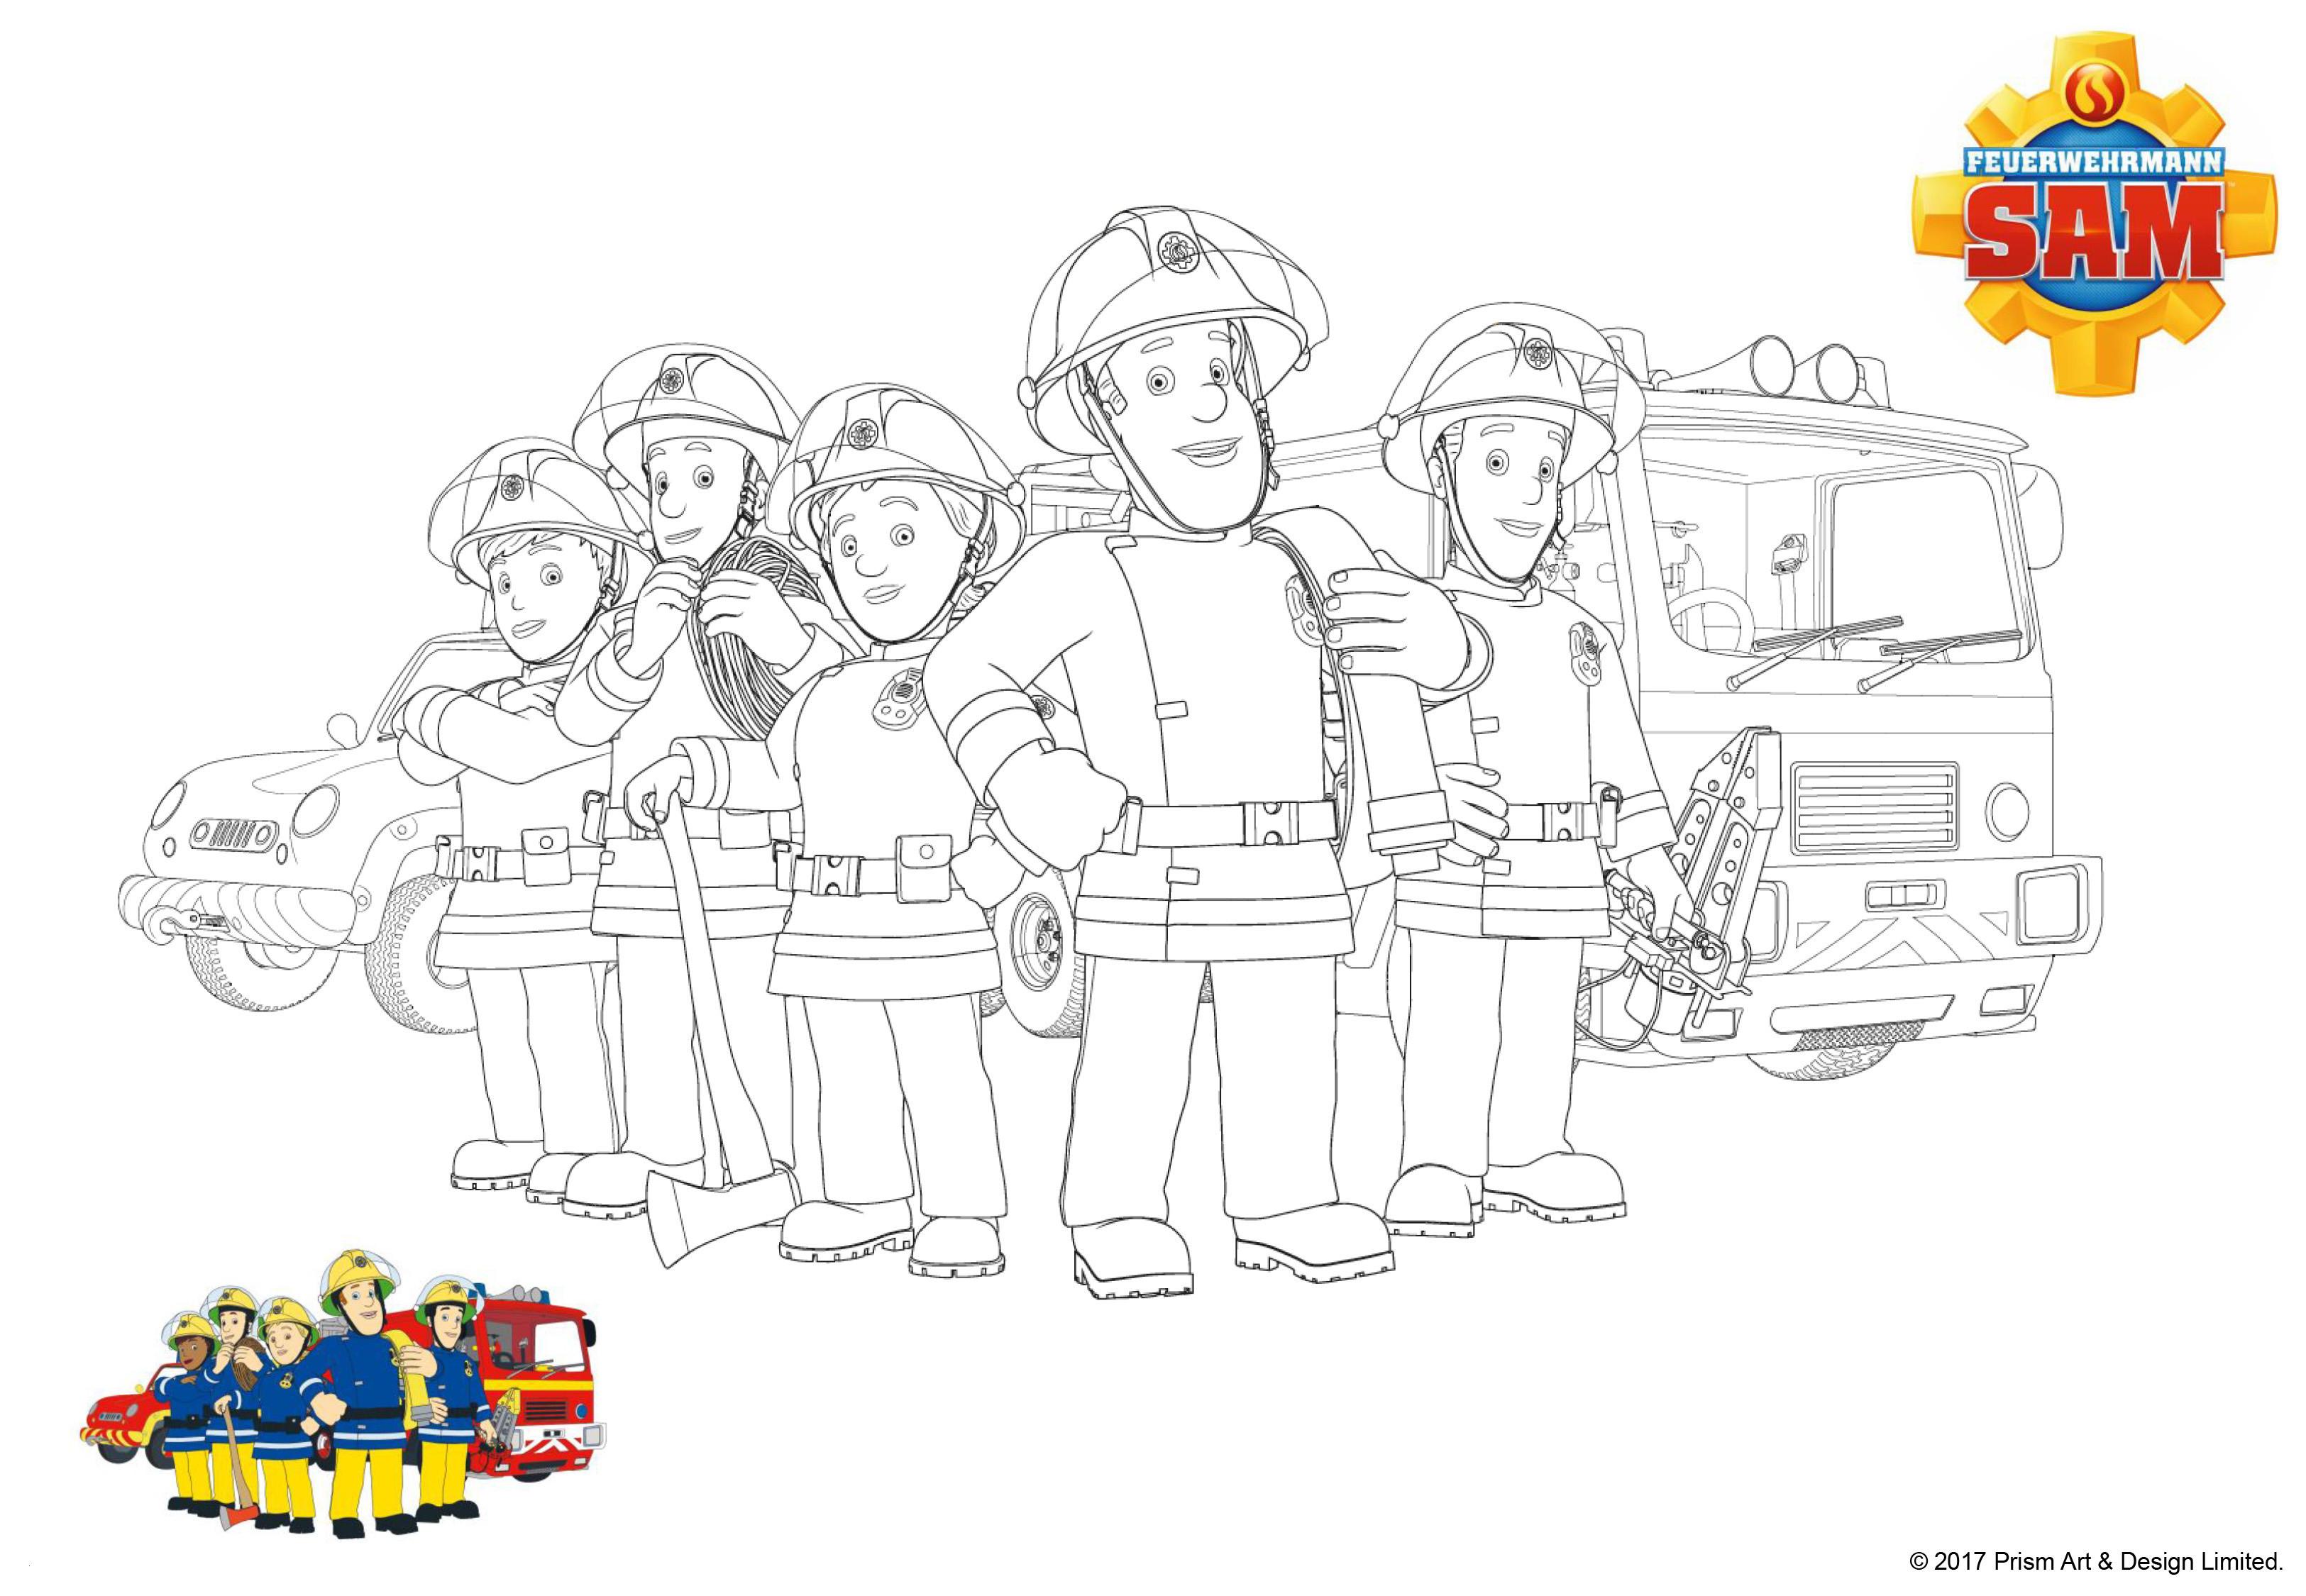 Feuerwehrmann Sam Ausmalbild Einzigartig 40 Ausmalbilder Sam Der Feuerwehrmann forstergallery Fotografieren